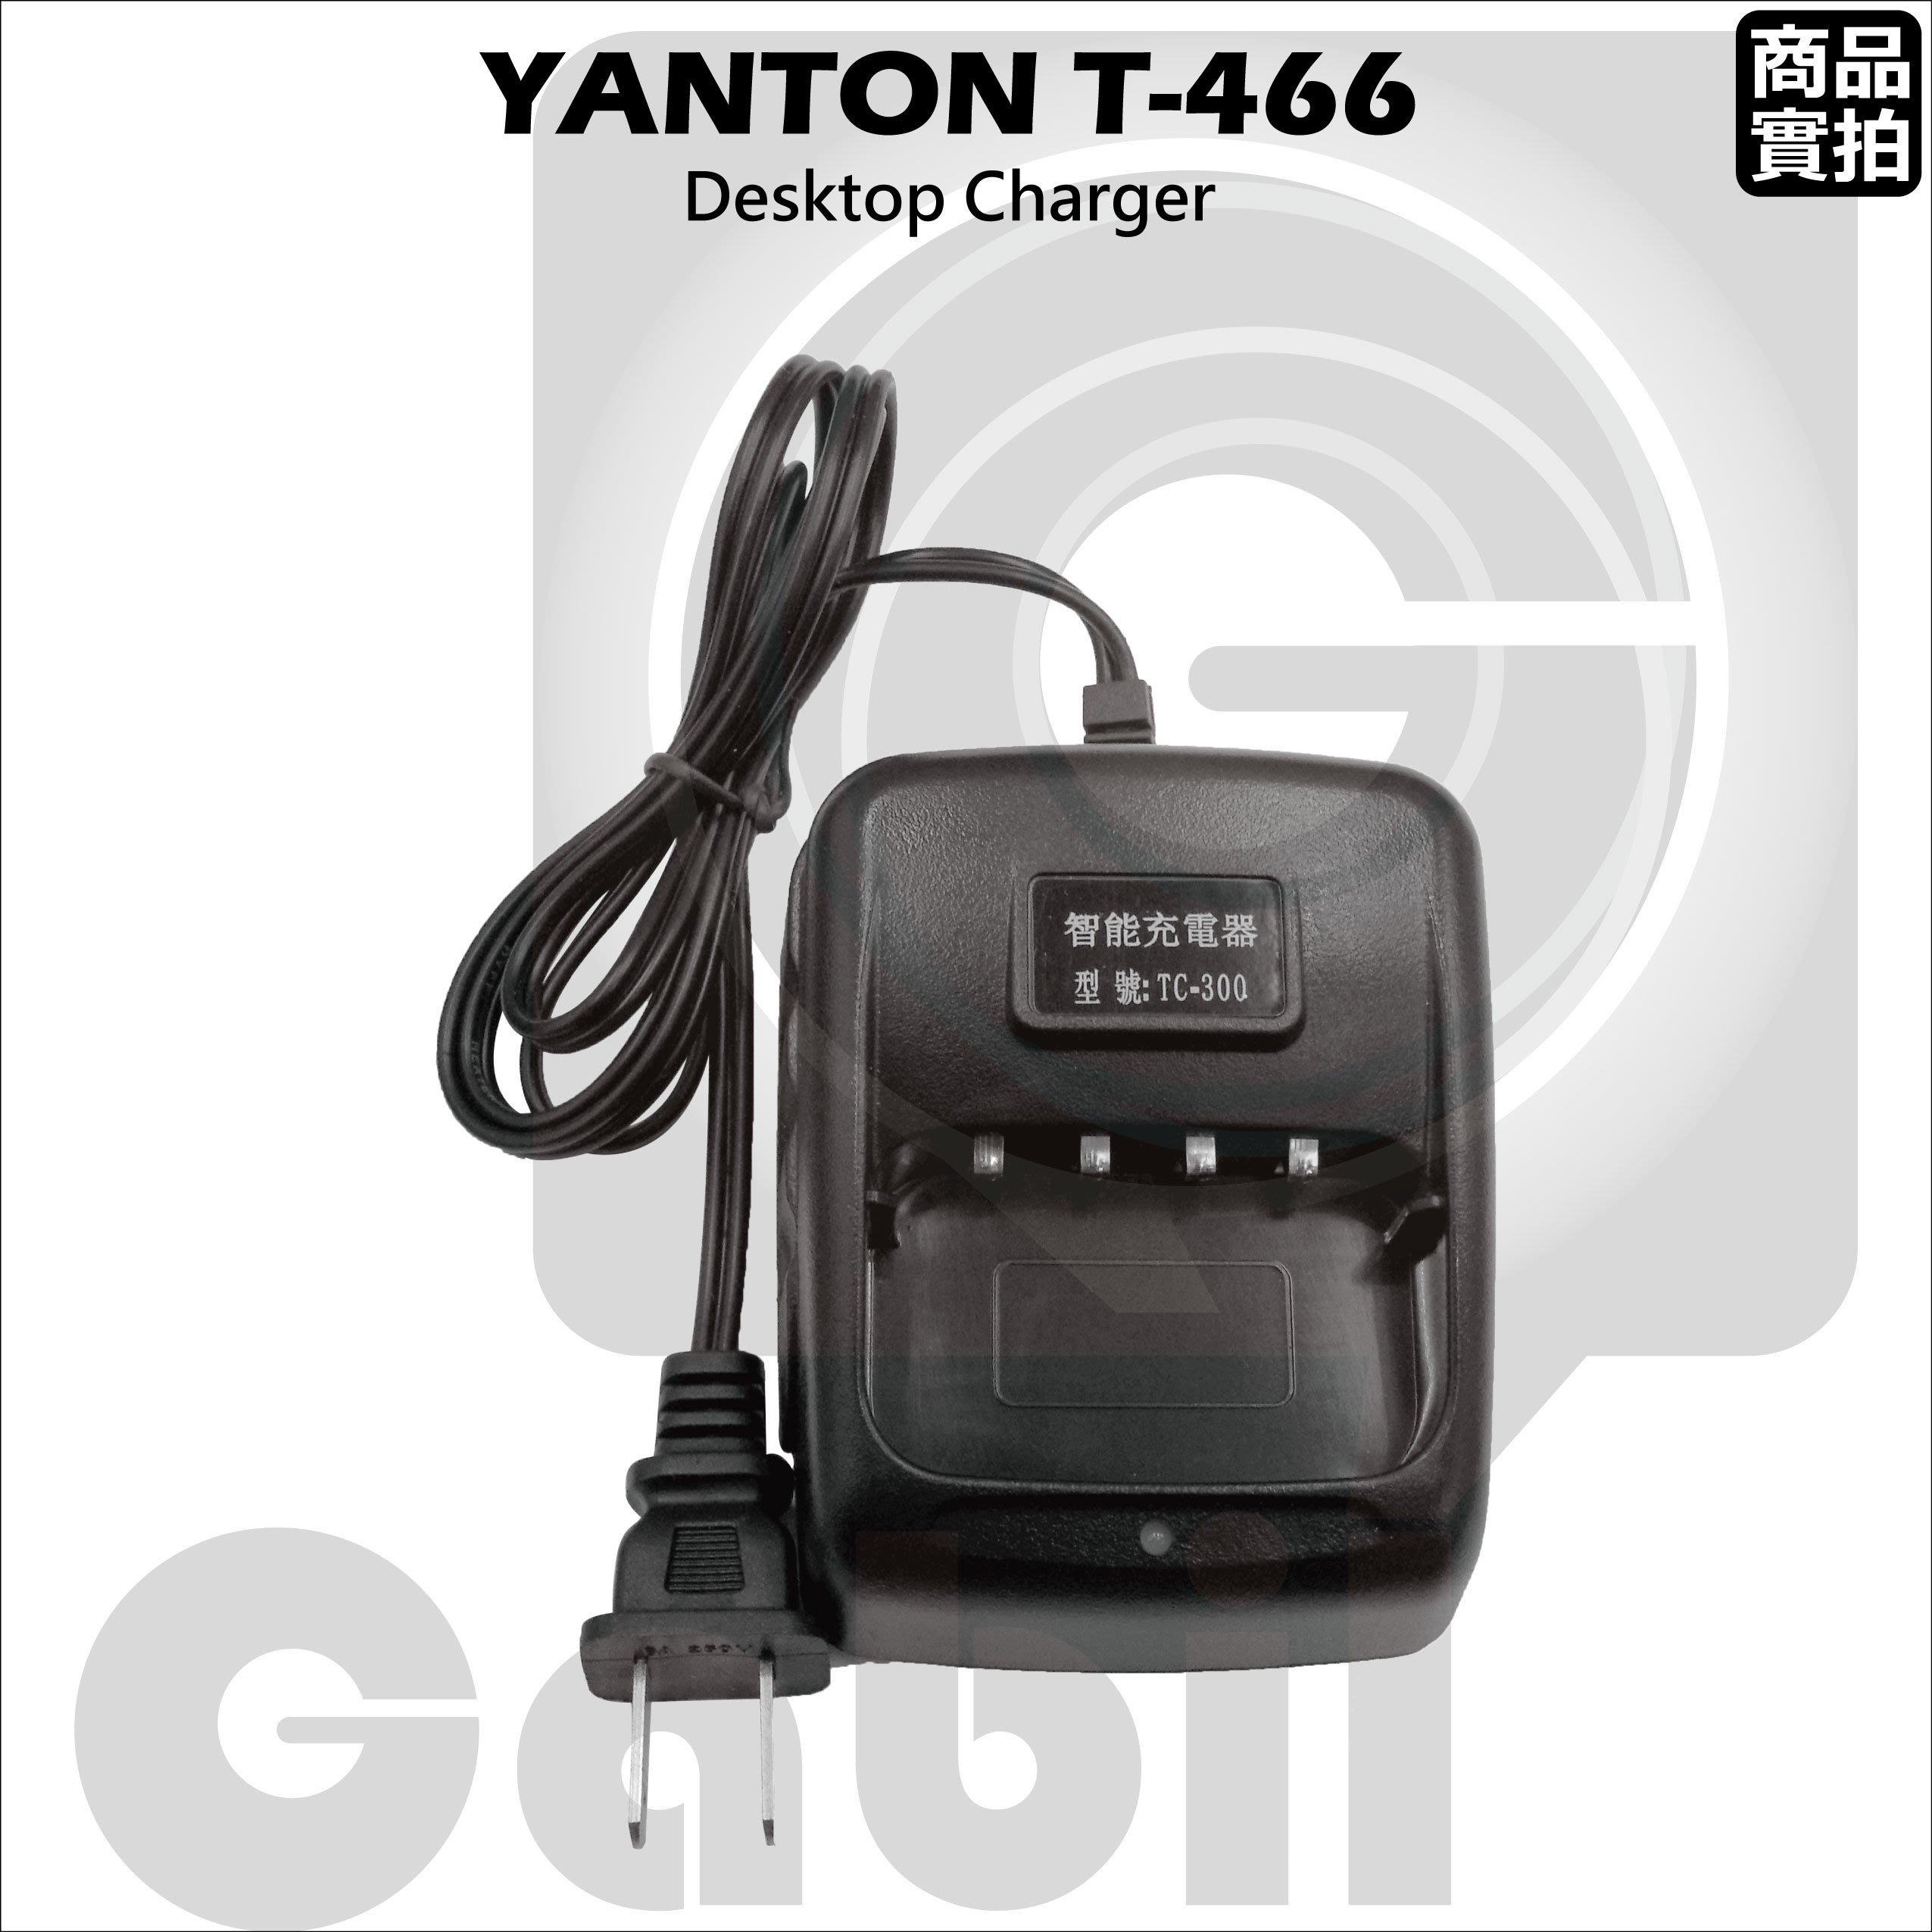 【中區無線電】遠通YANTON T-166 T166 T-466 T466 對講機原廠充電座 充電器 含稅開發票